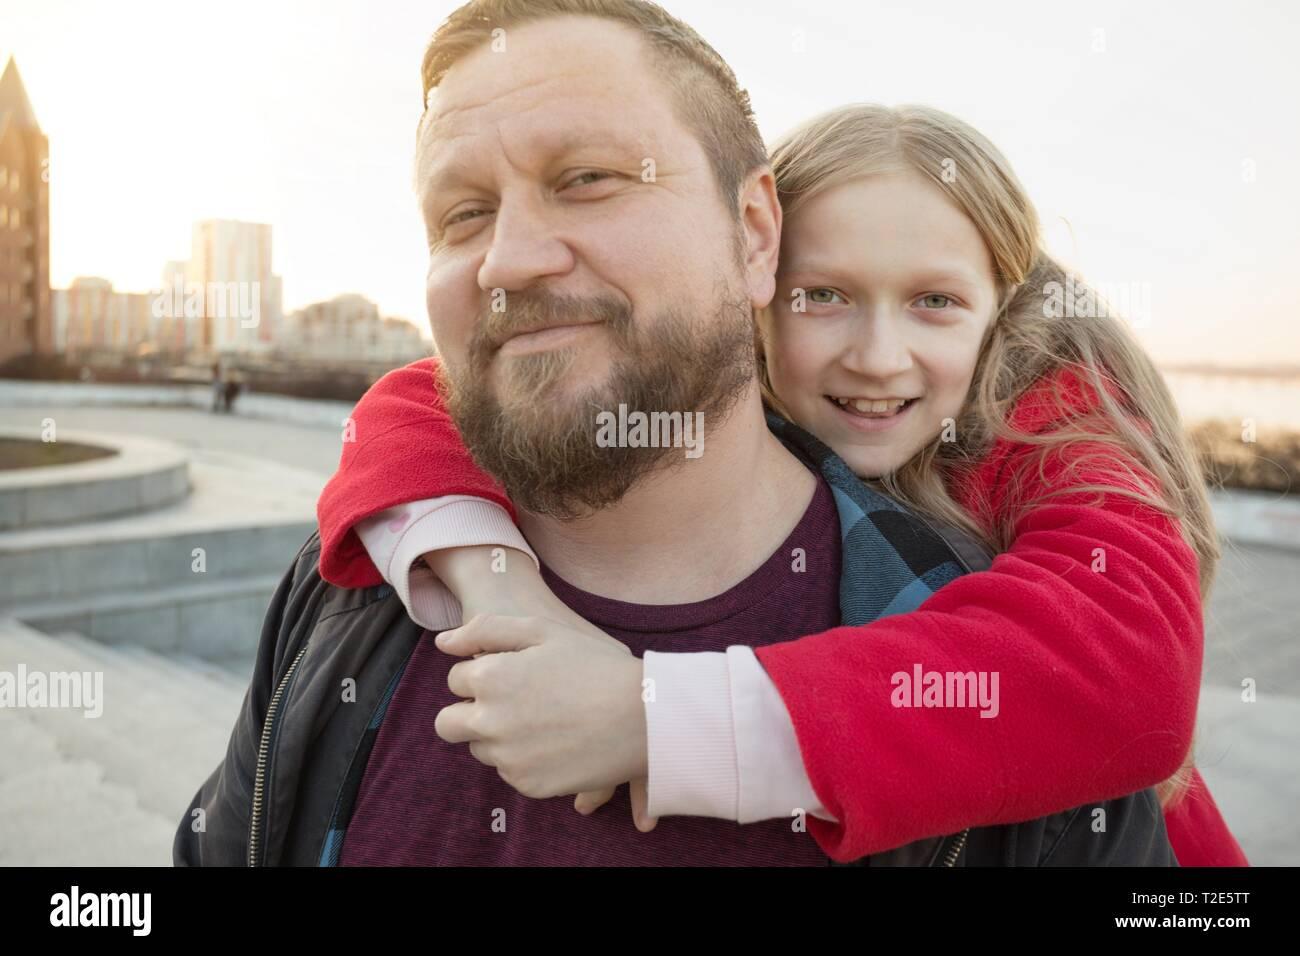 Papà contro figlie dating modello